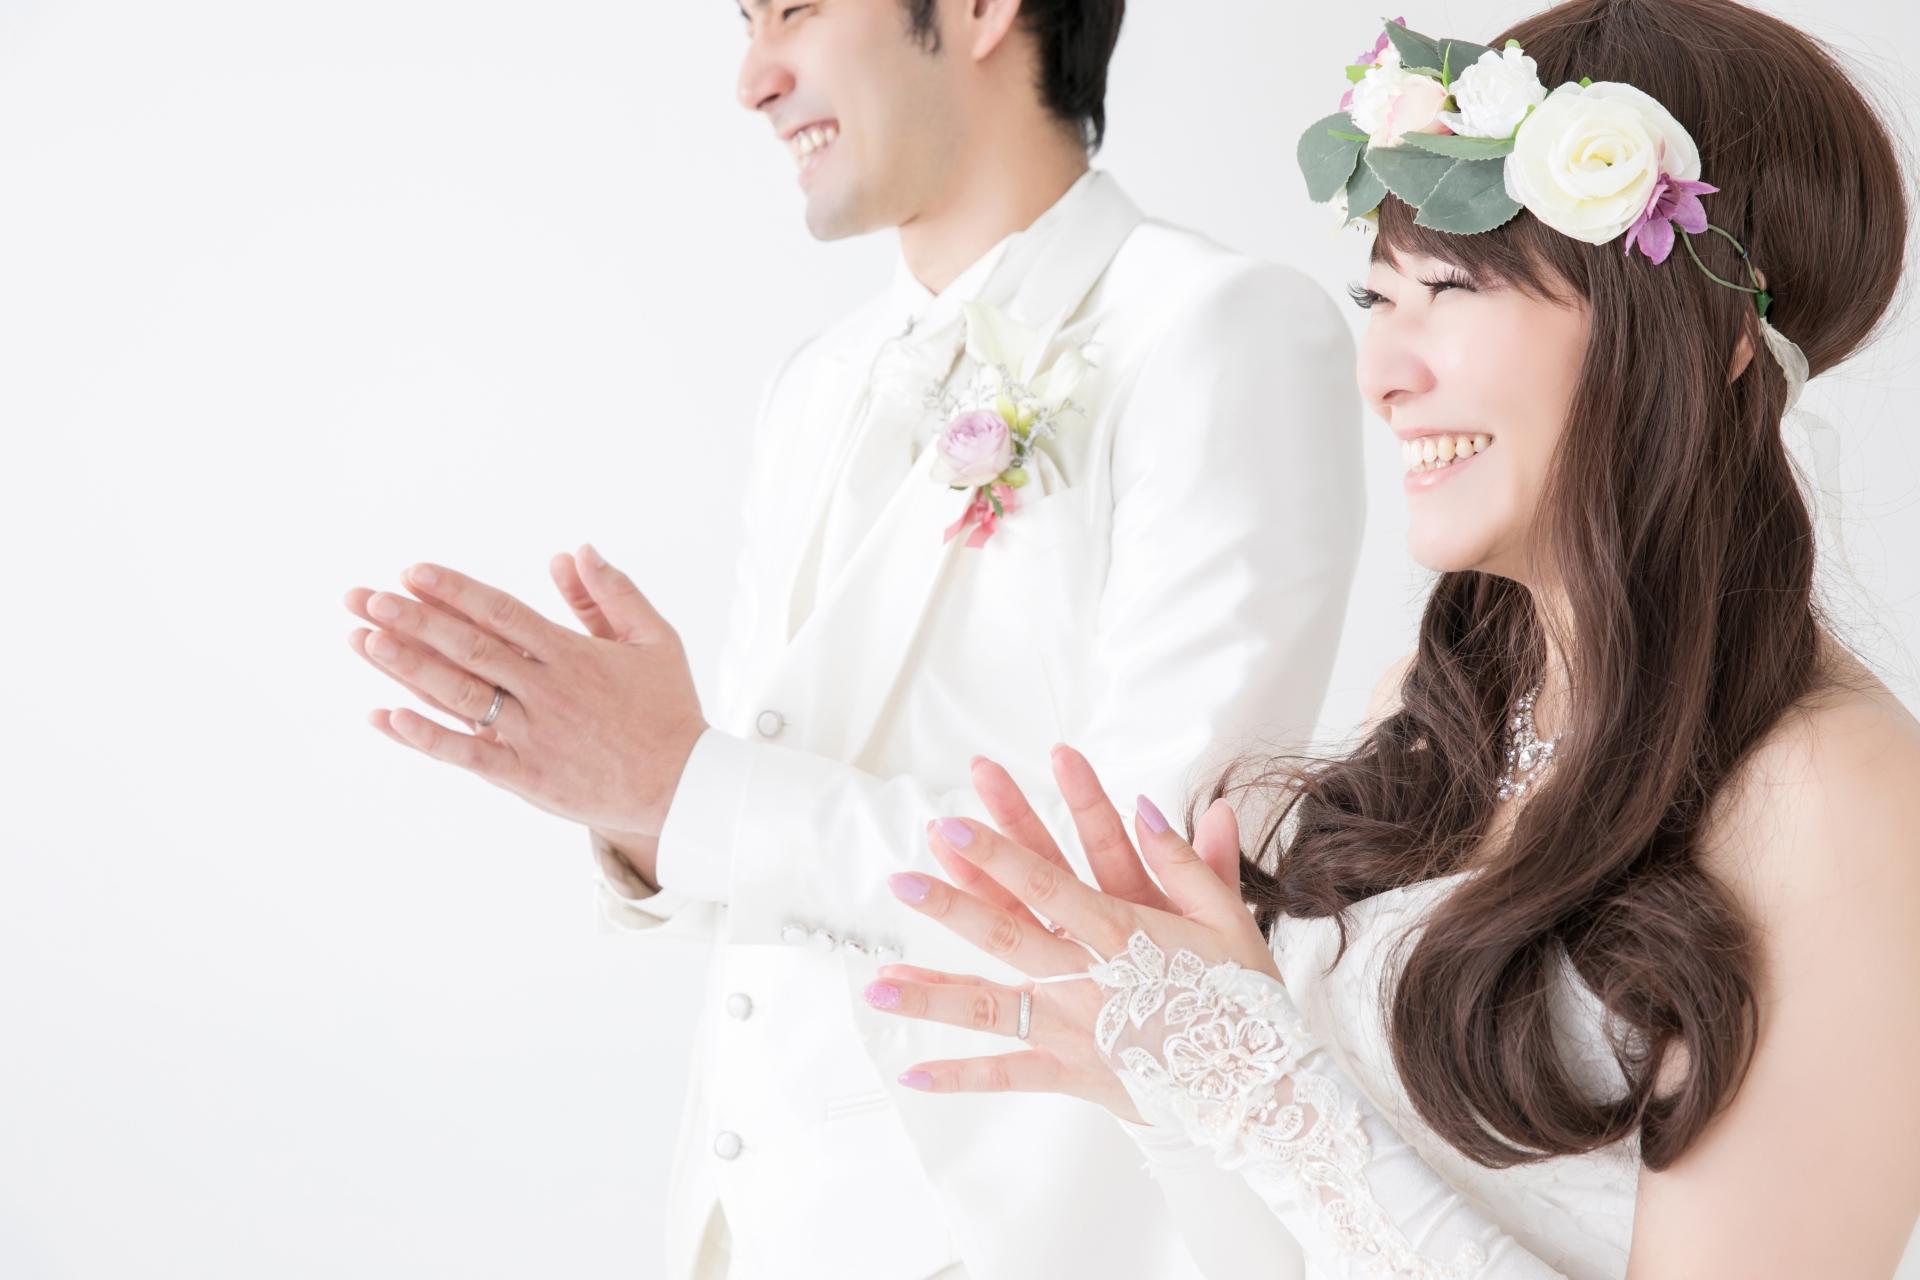 先生の結婚式でサプライズを仕掛ける方法と注意点